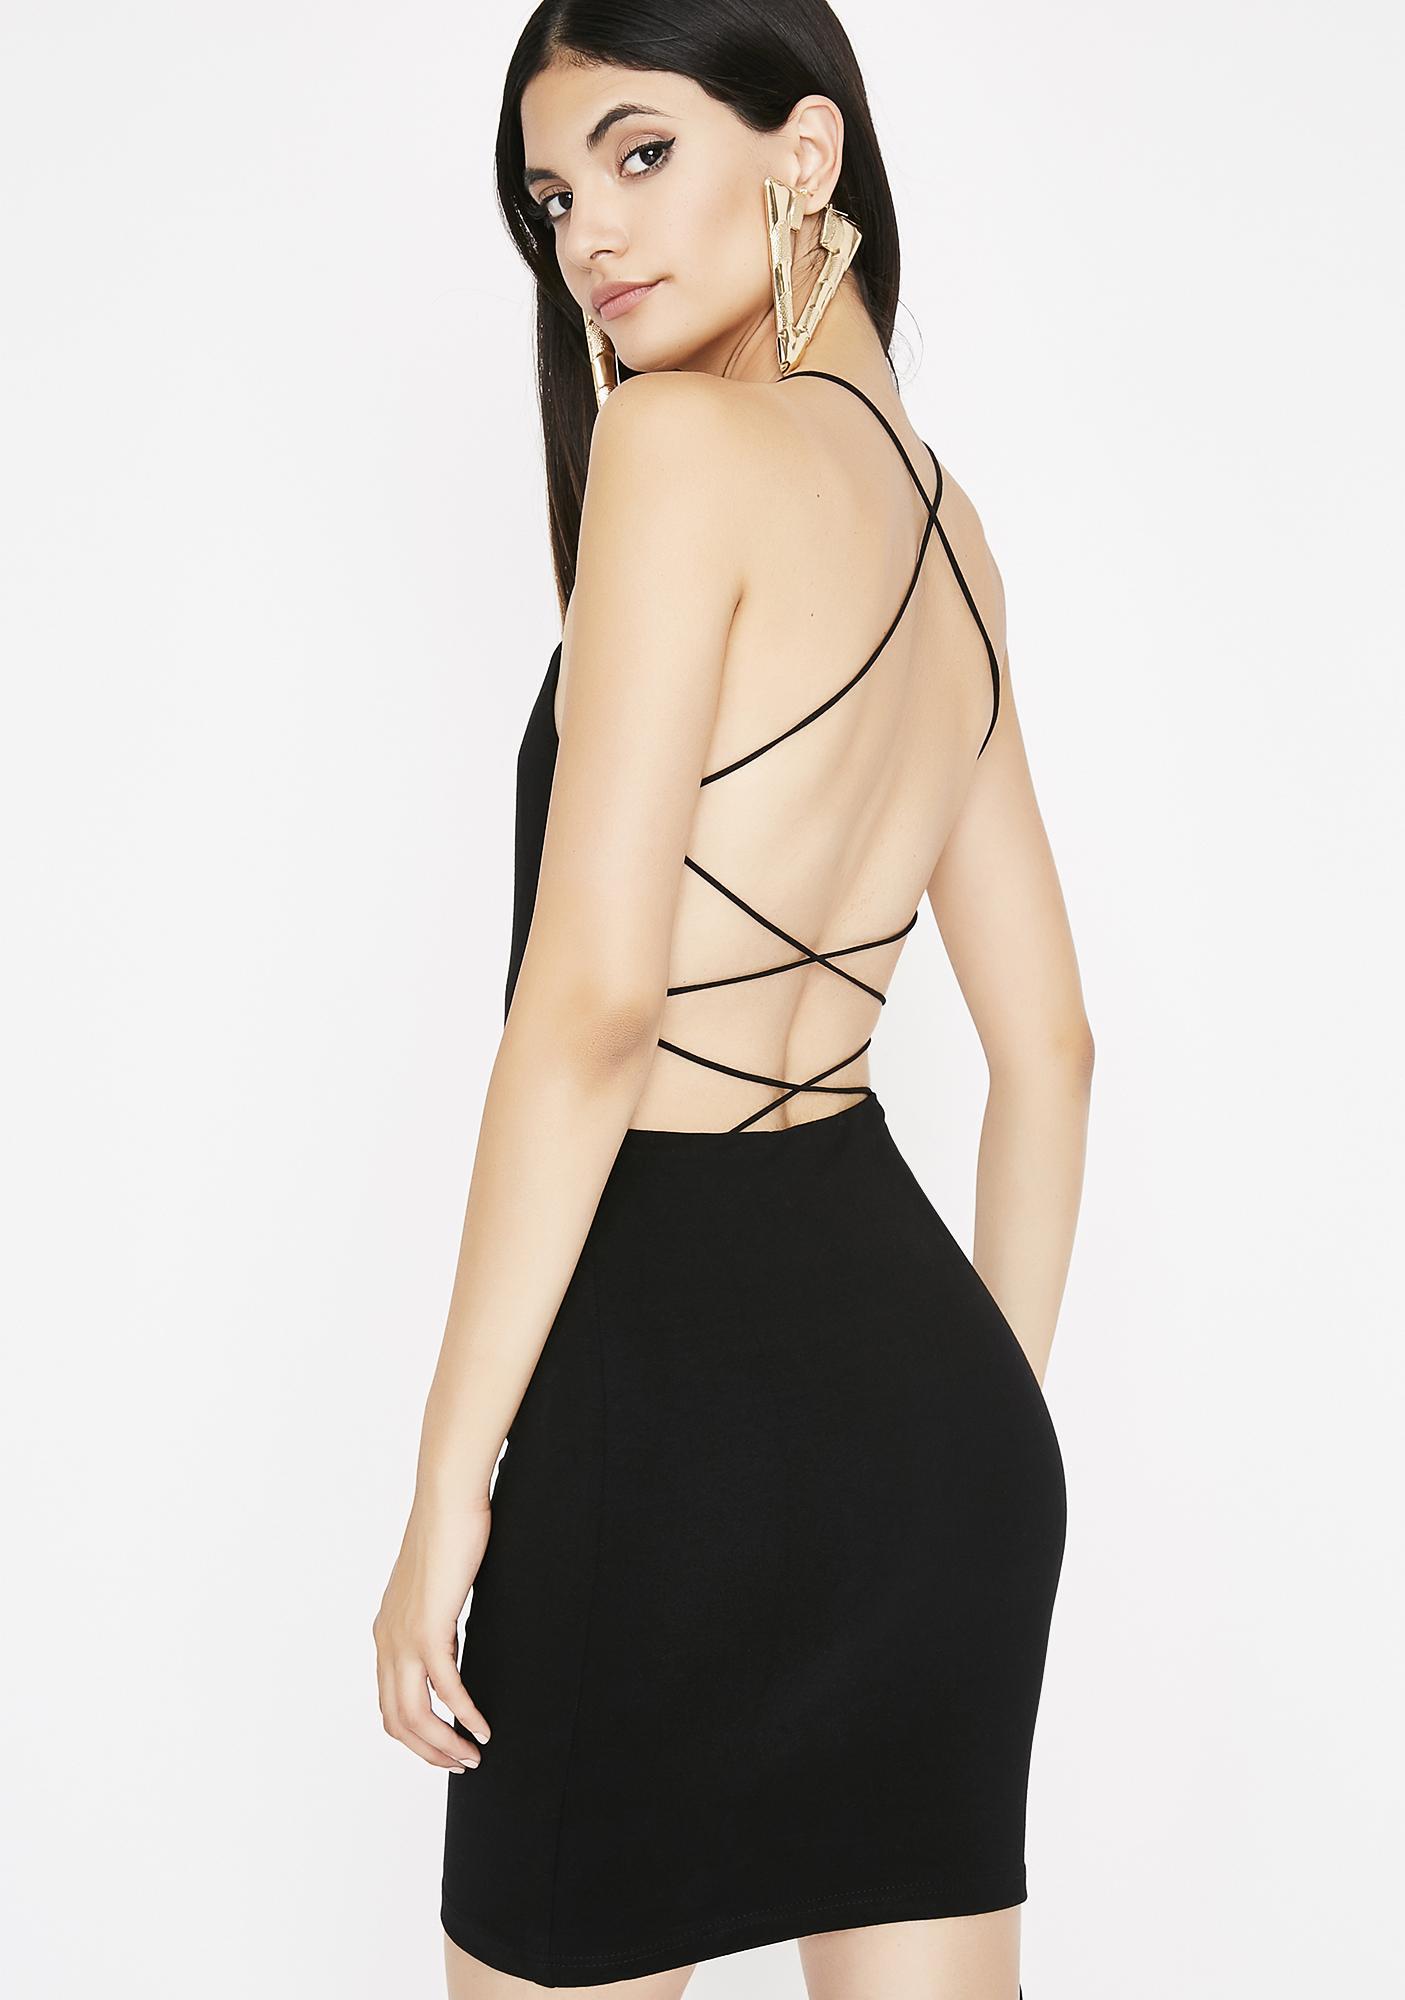 Get Em' Hooked Strappy Dress